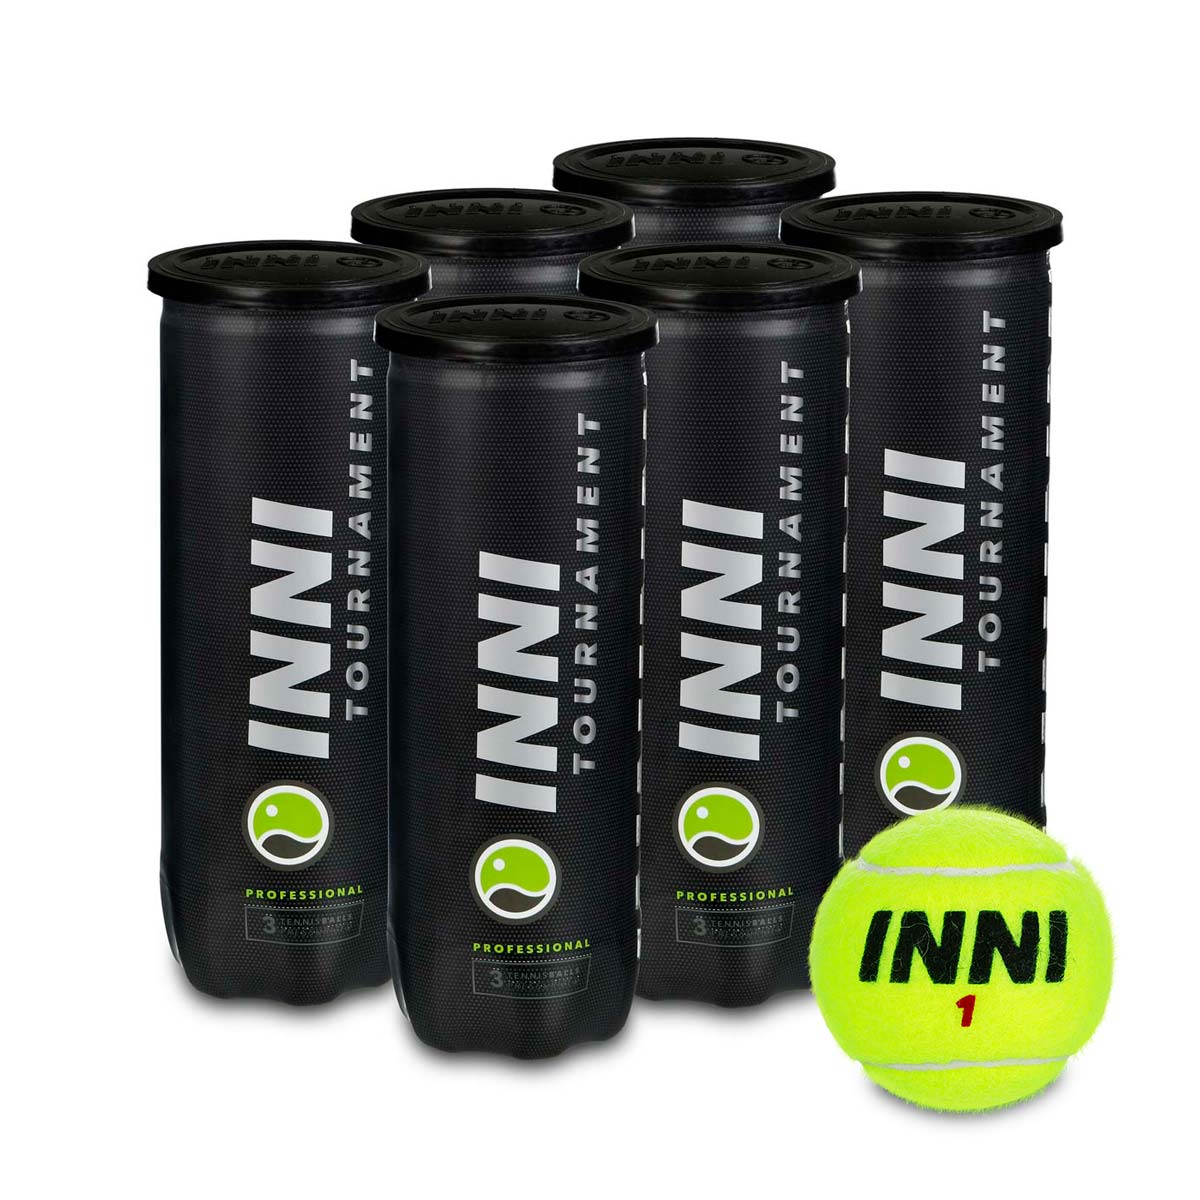 Bola de Tênis Inni Tournament - Pack com 06 Tubos  - PROTENISTA